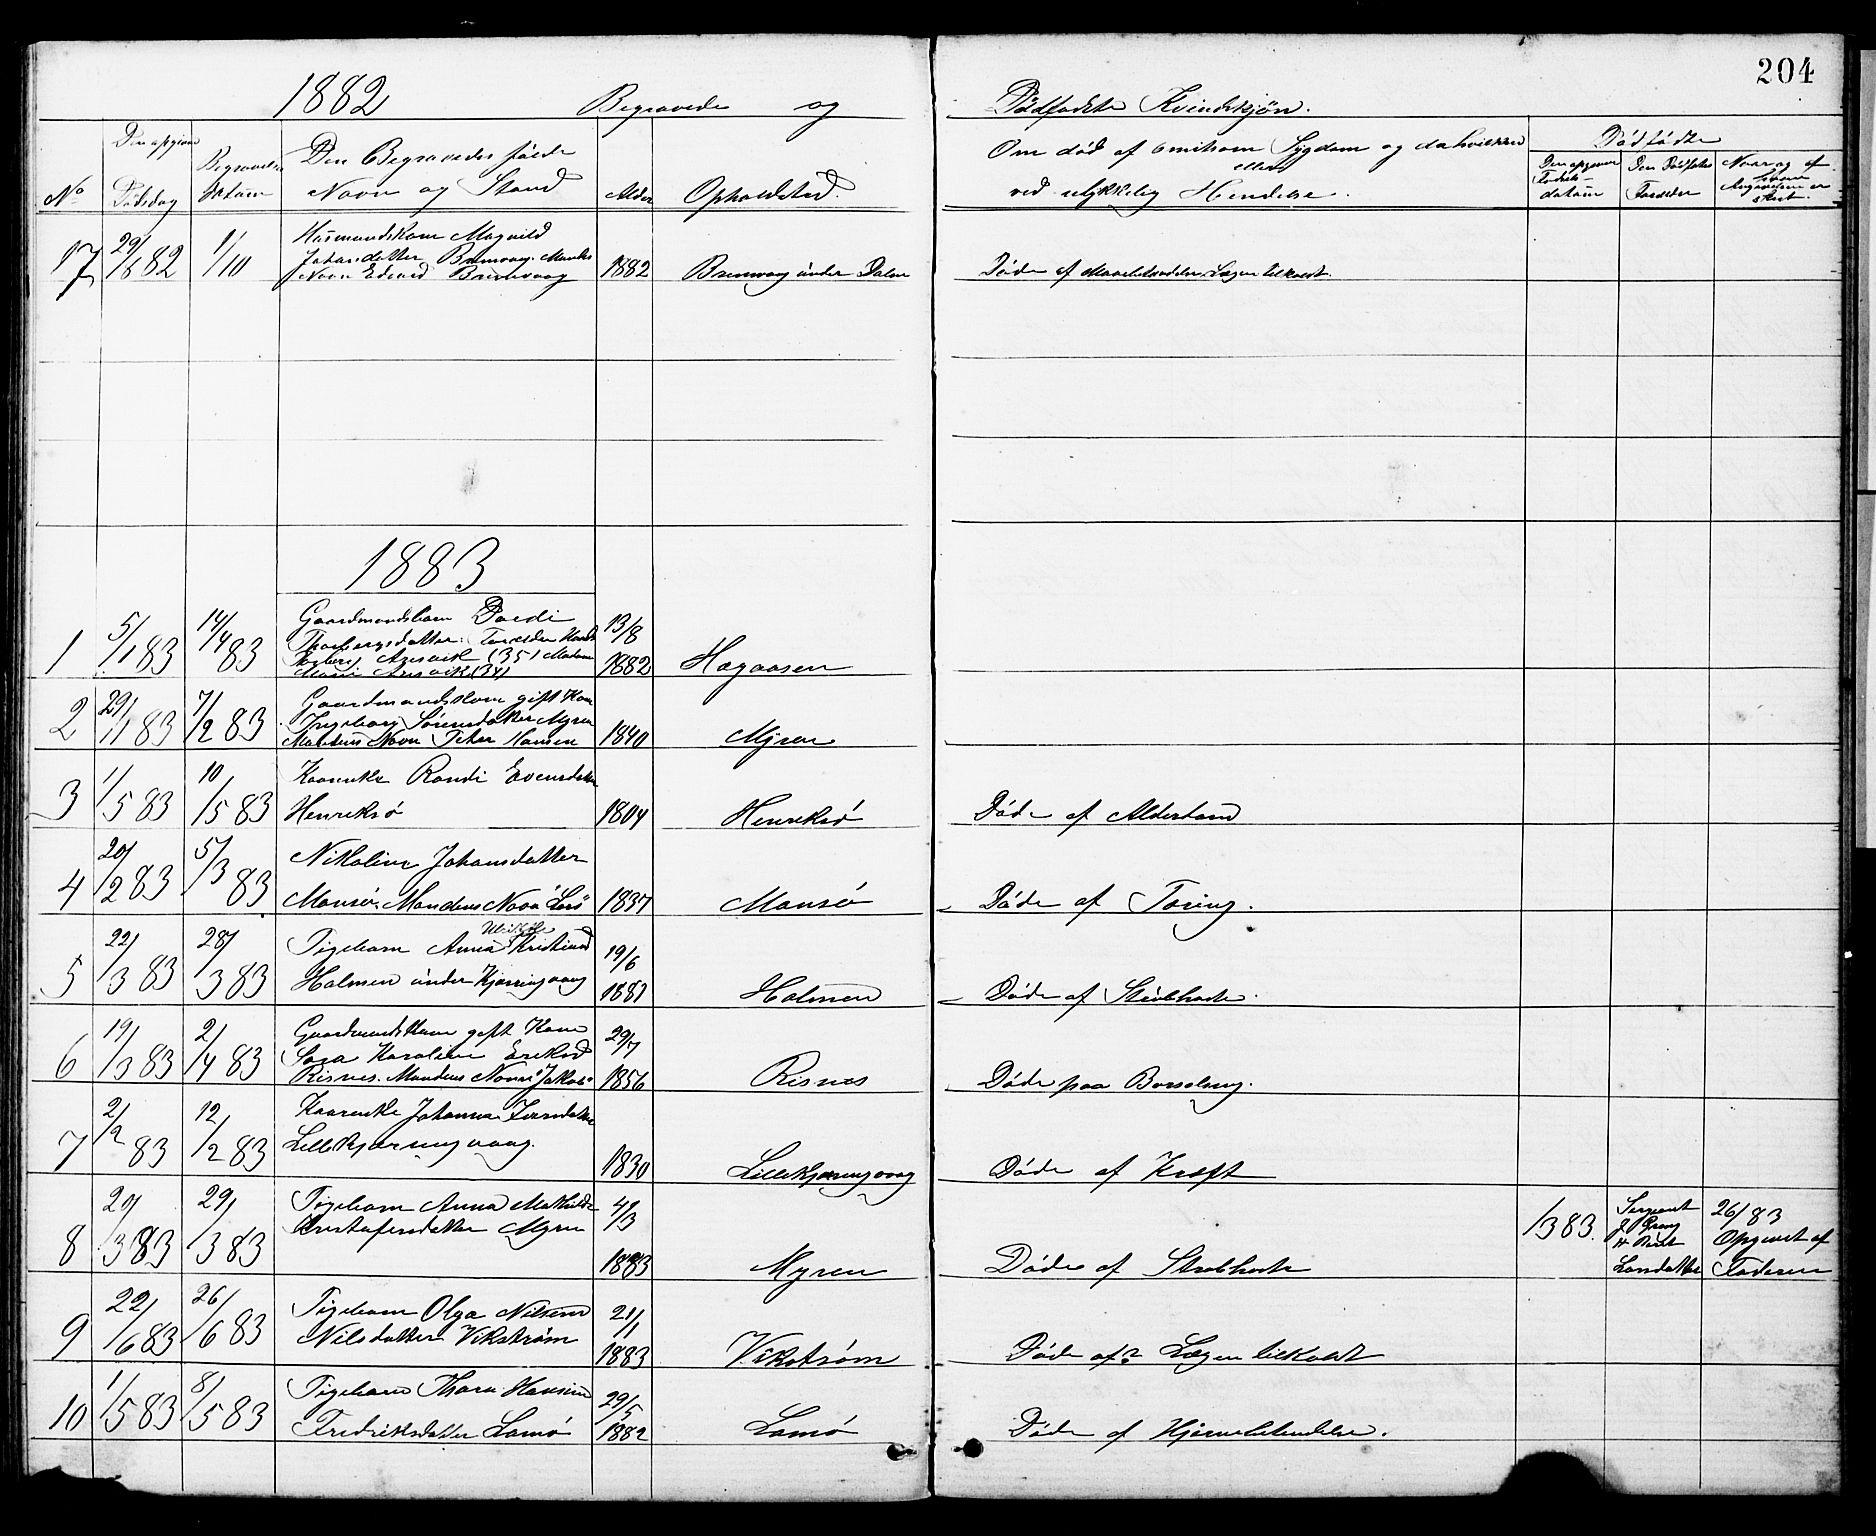 SAT, Ministerialprotokoller, klokkerbøker og fødselsregistre - Sør-Trøndelag, 634/L0541: Klokkerbok nr. 634C03, 1874-1891, s. 204